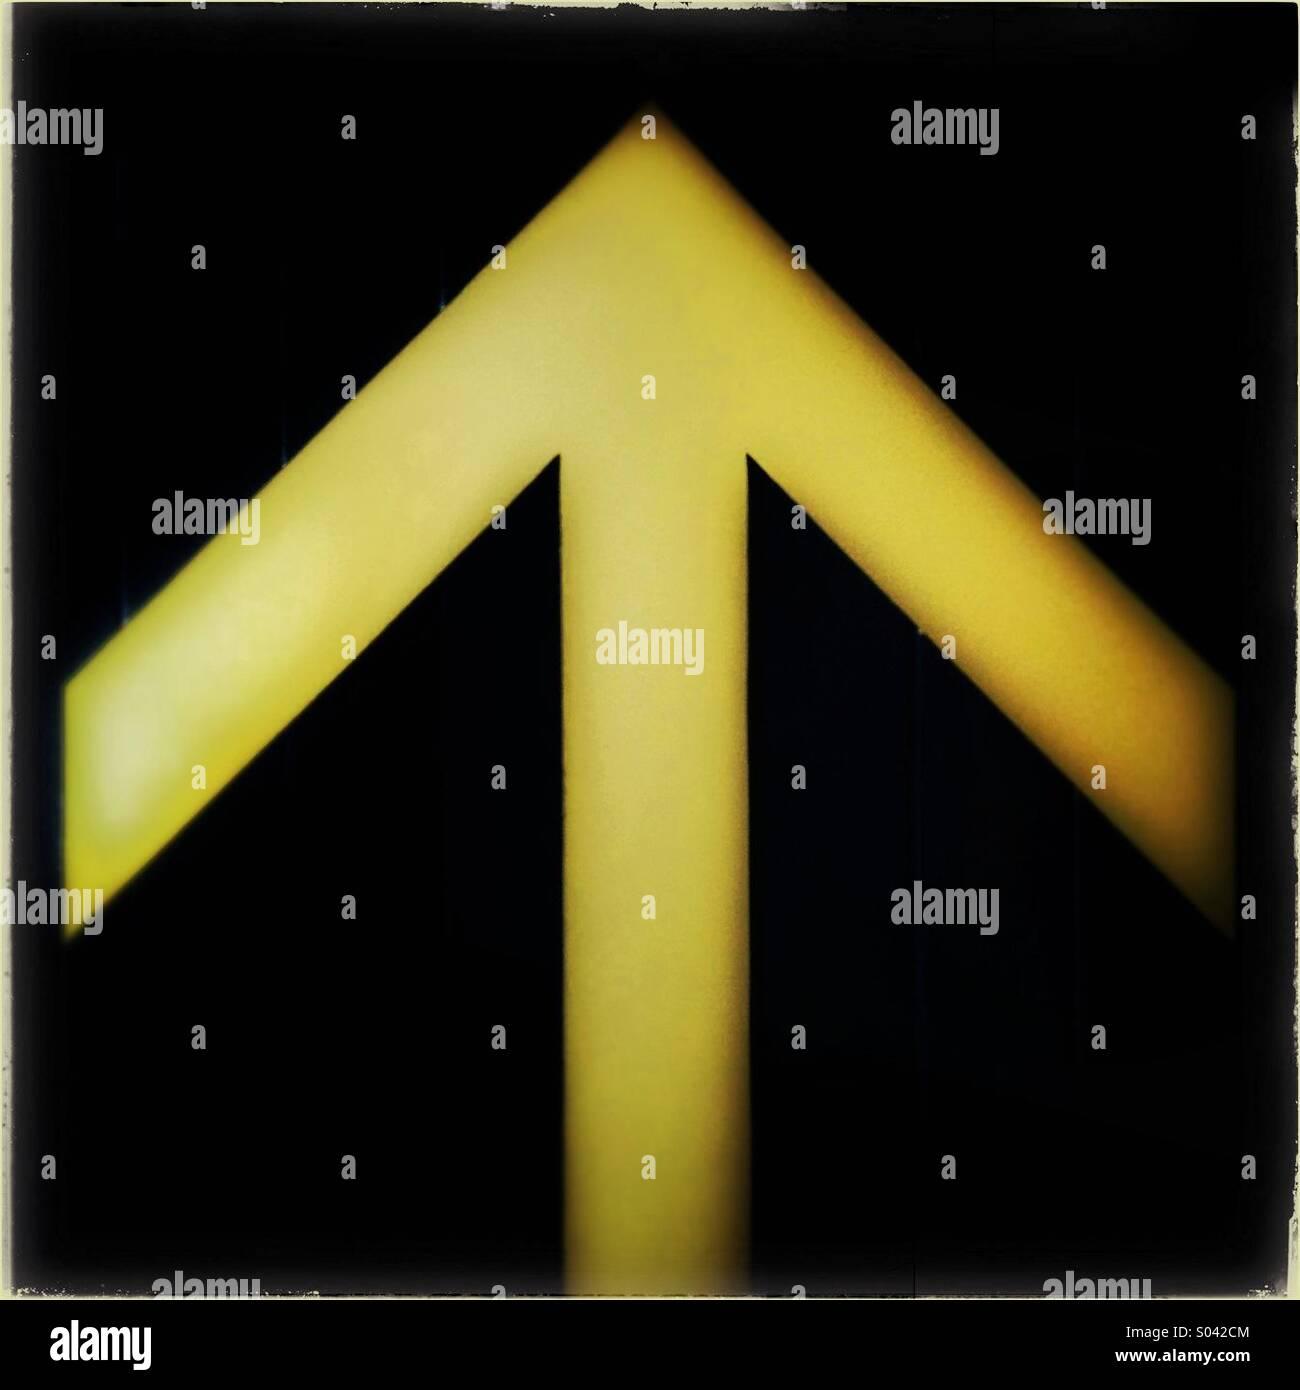 Up glow arrow sign - Stock Image